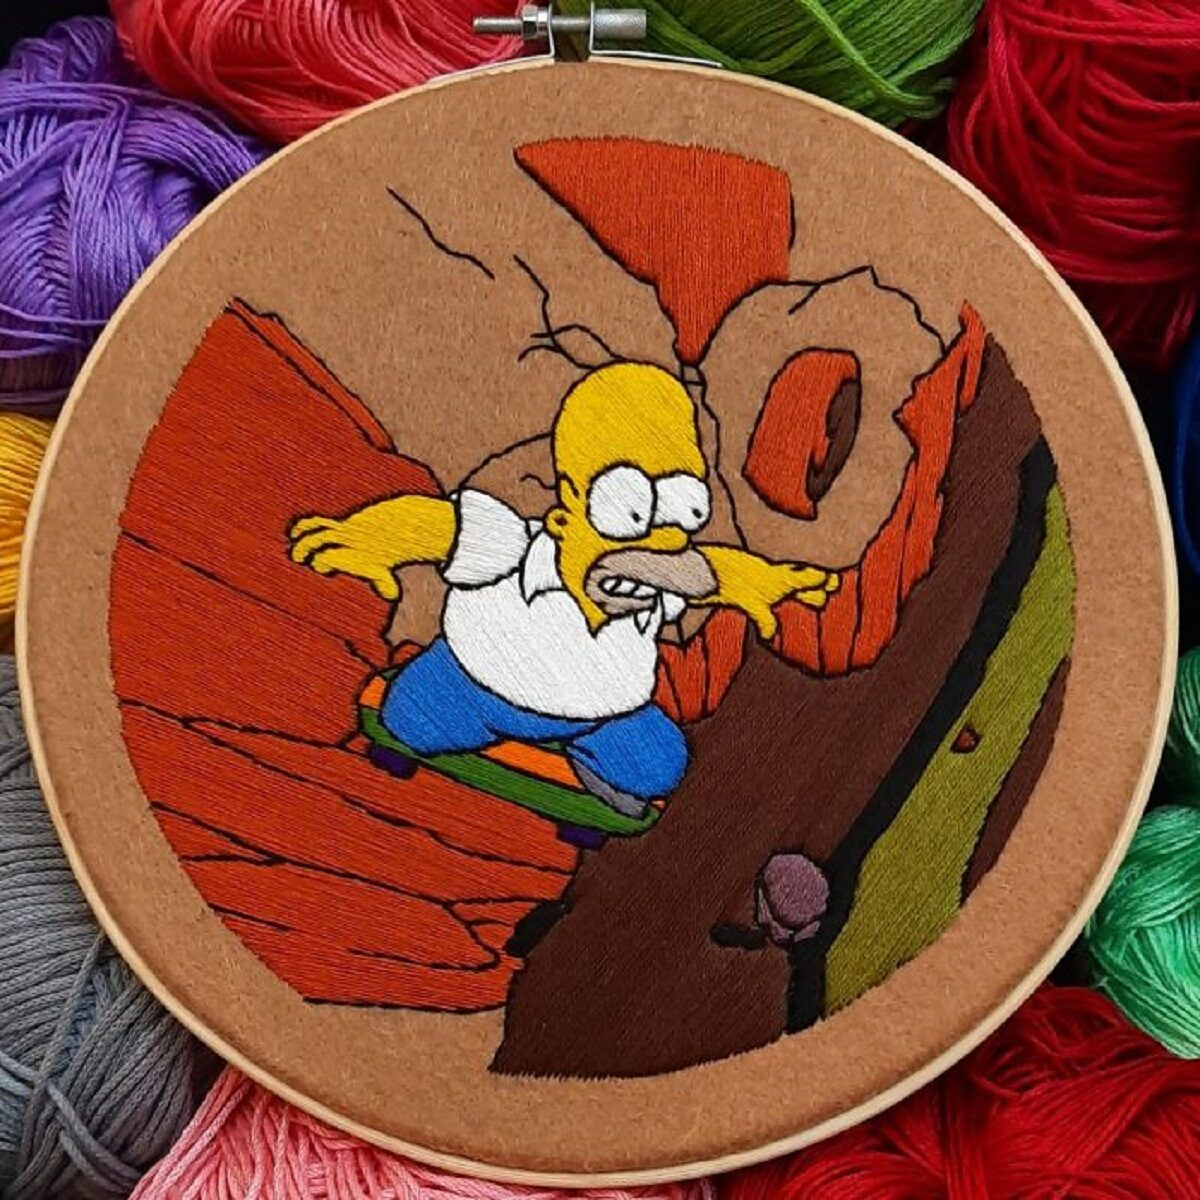 Artista Gabriela Martinez cria bordados de cenas de Os Simpsons 15